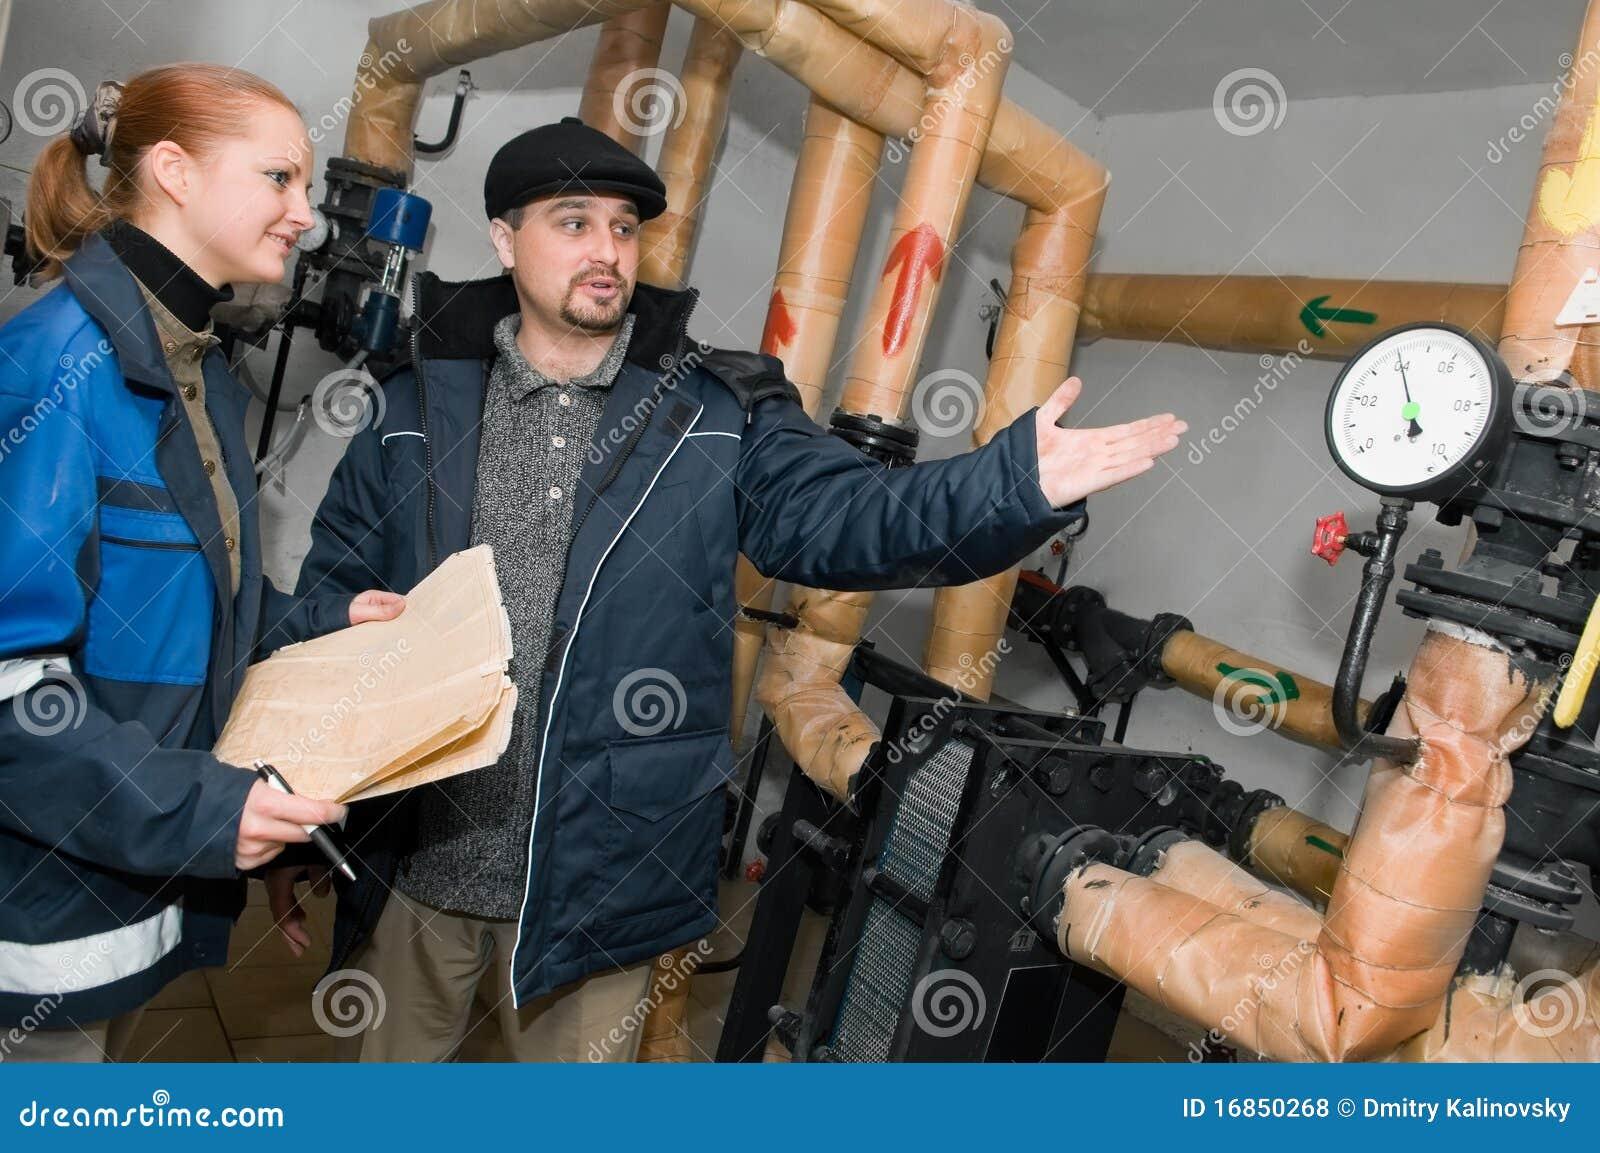 Coordenadores do aquecimento no quarto de caldeira